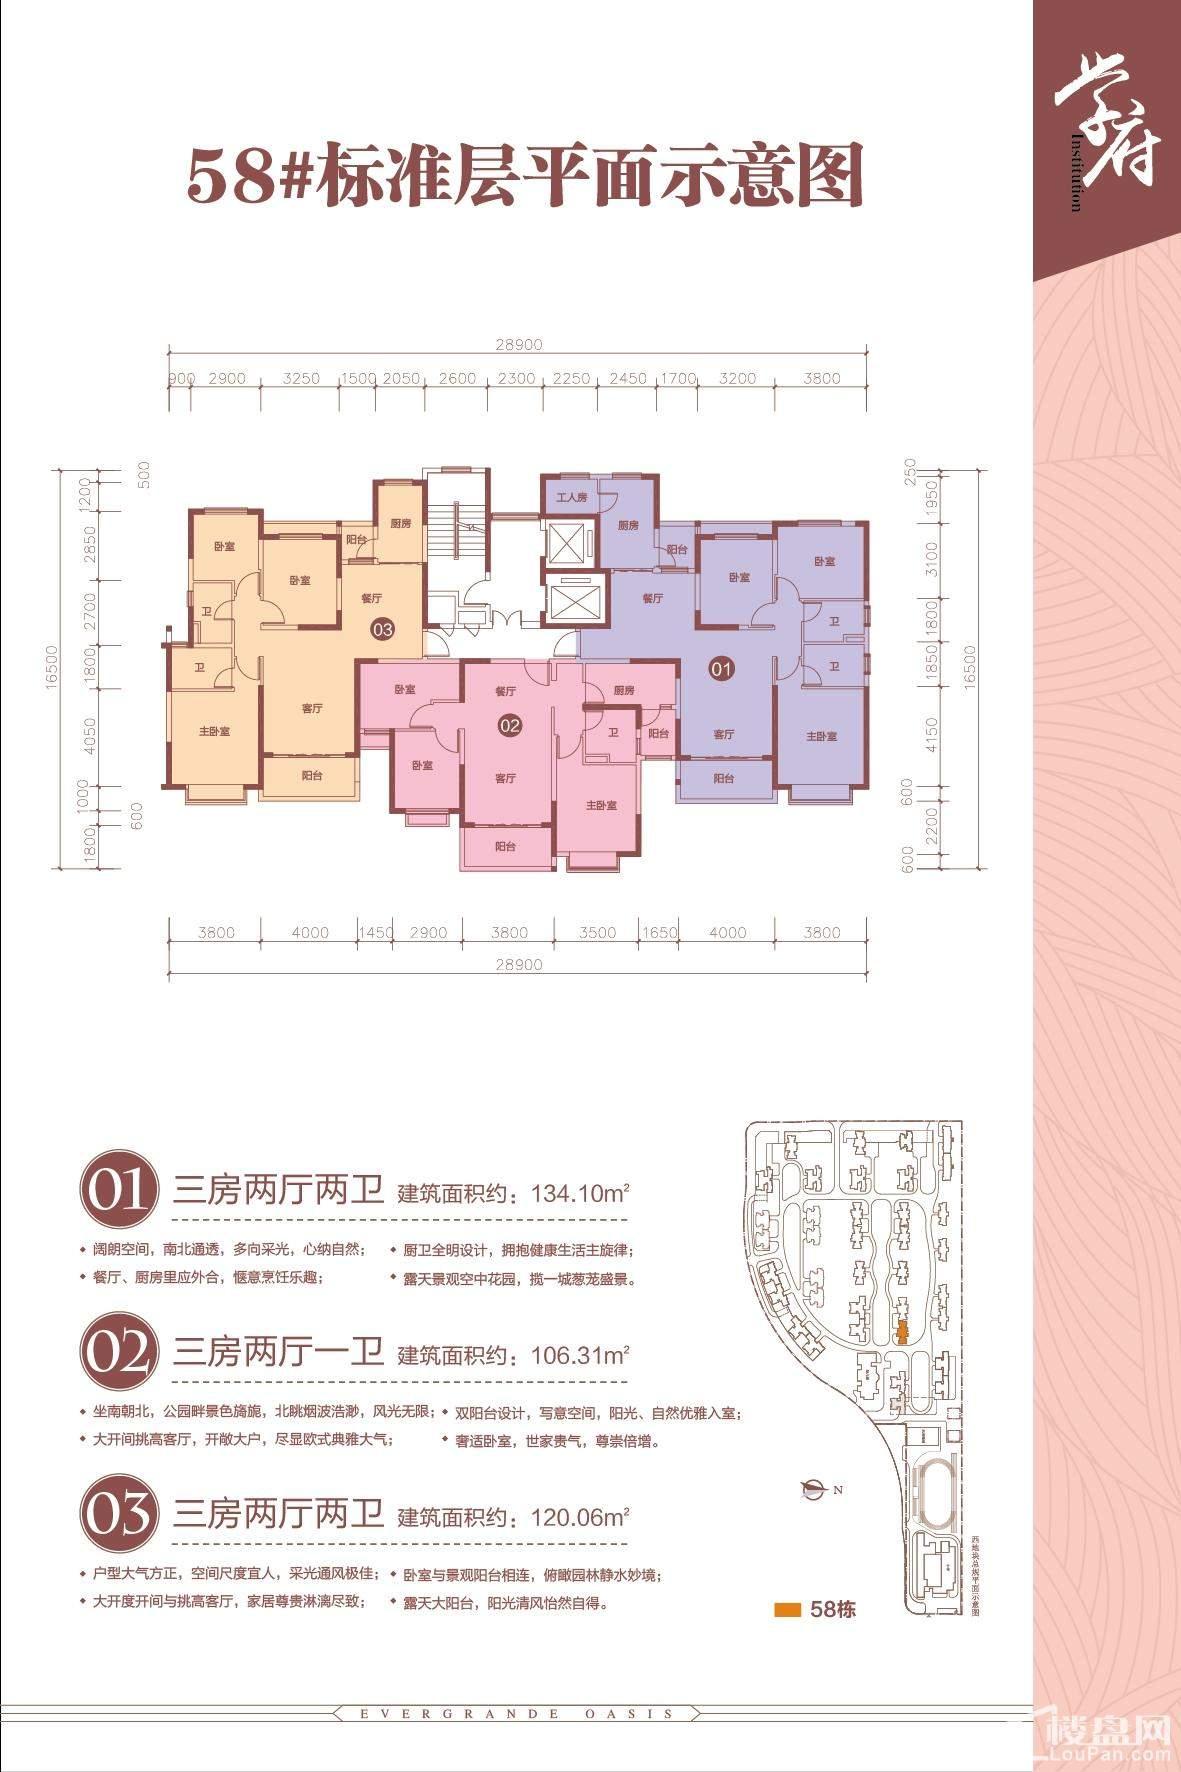 南宁恒大绿洲3期58#标准层平面图